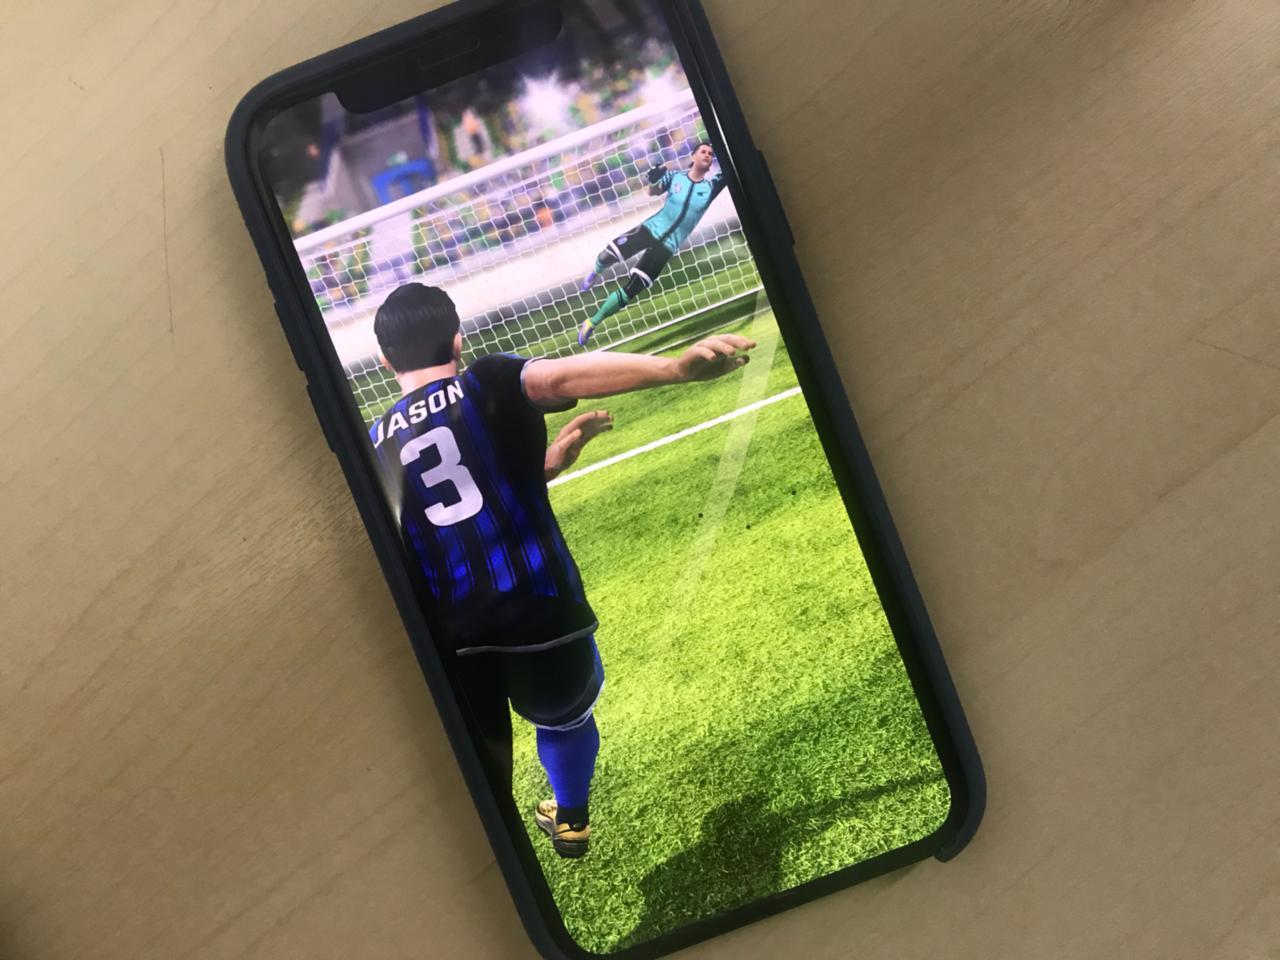 Dicas do game Football Strike – Multiplayer Soccer para quem já fez o download do jogo